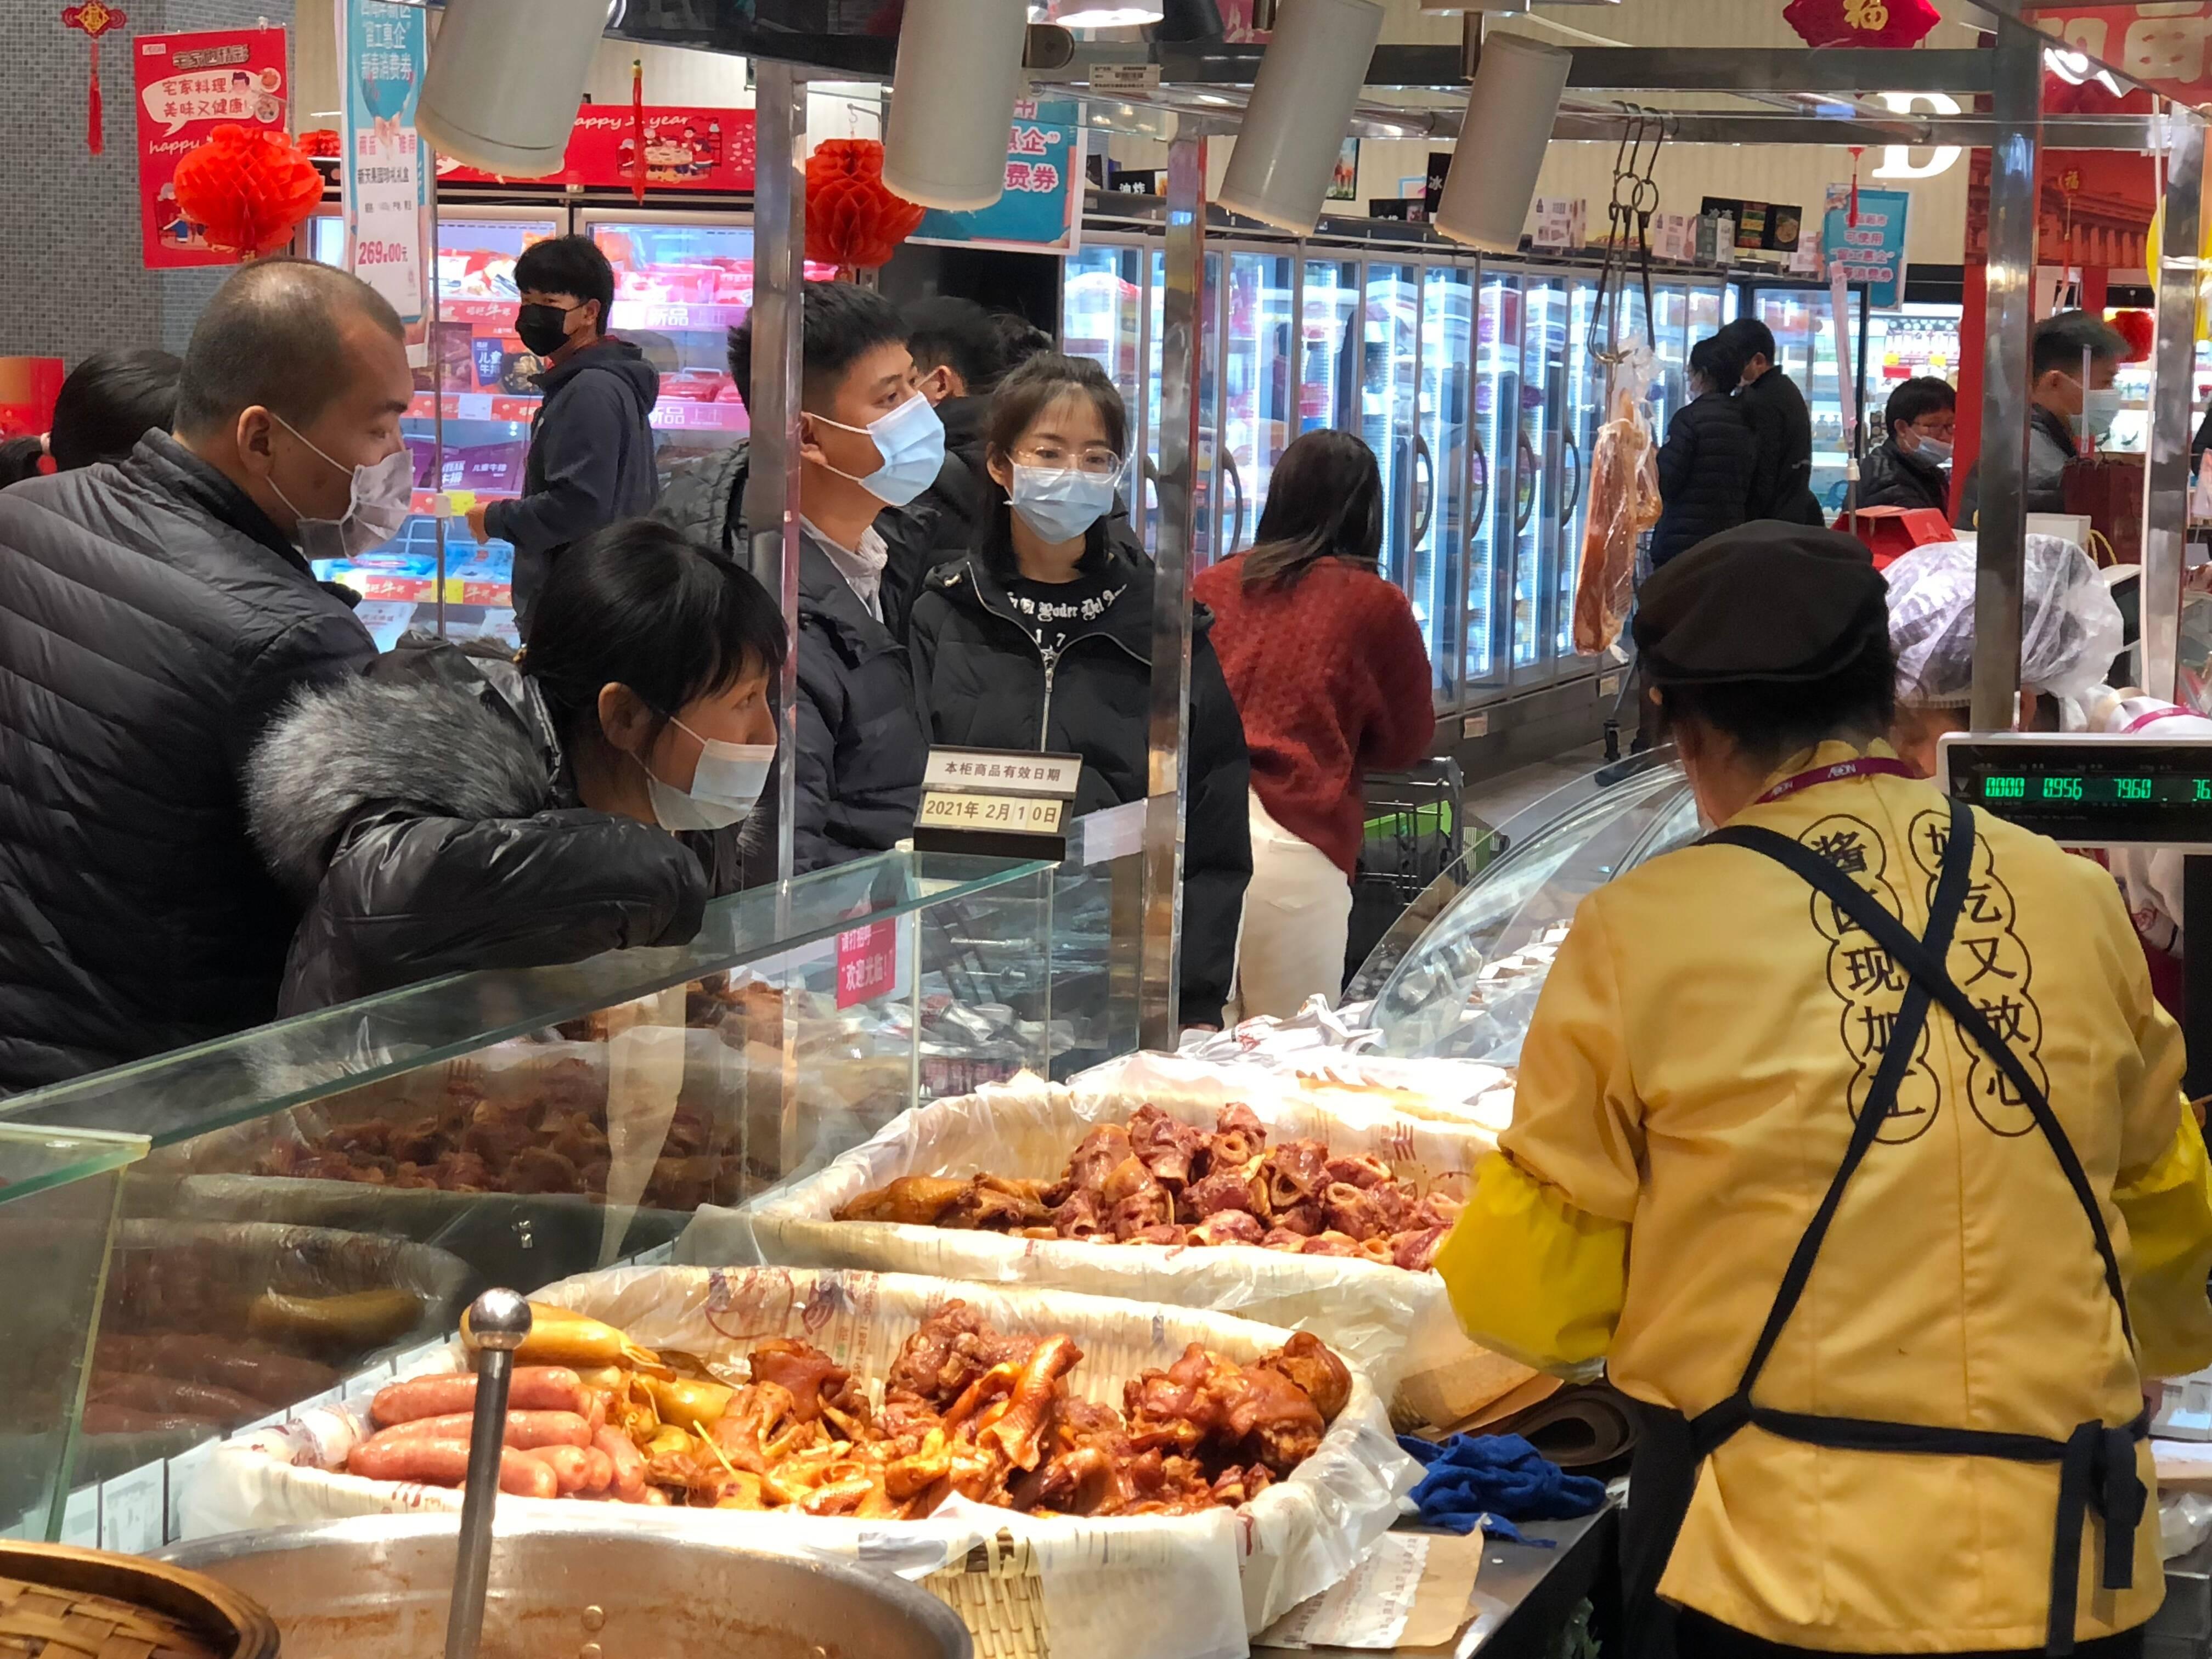 春节期间,西海岸商超内消费气氛火爆。